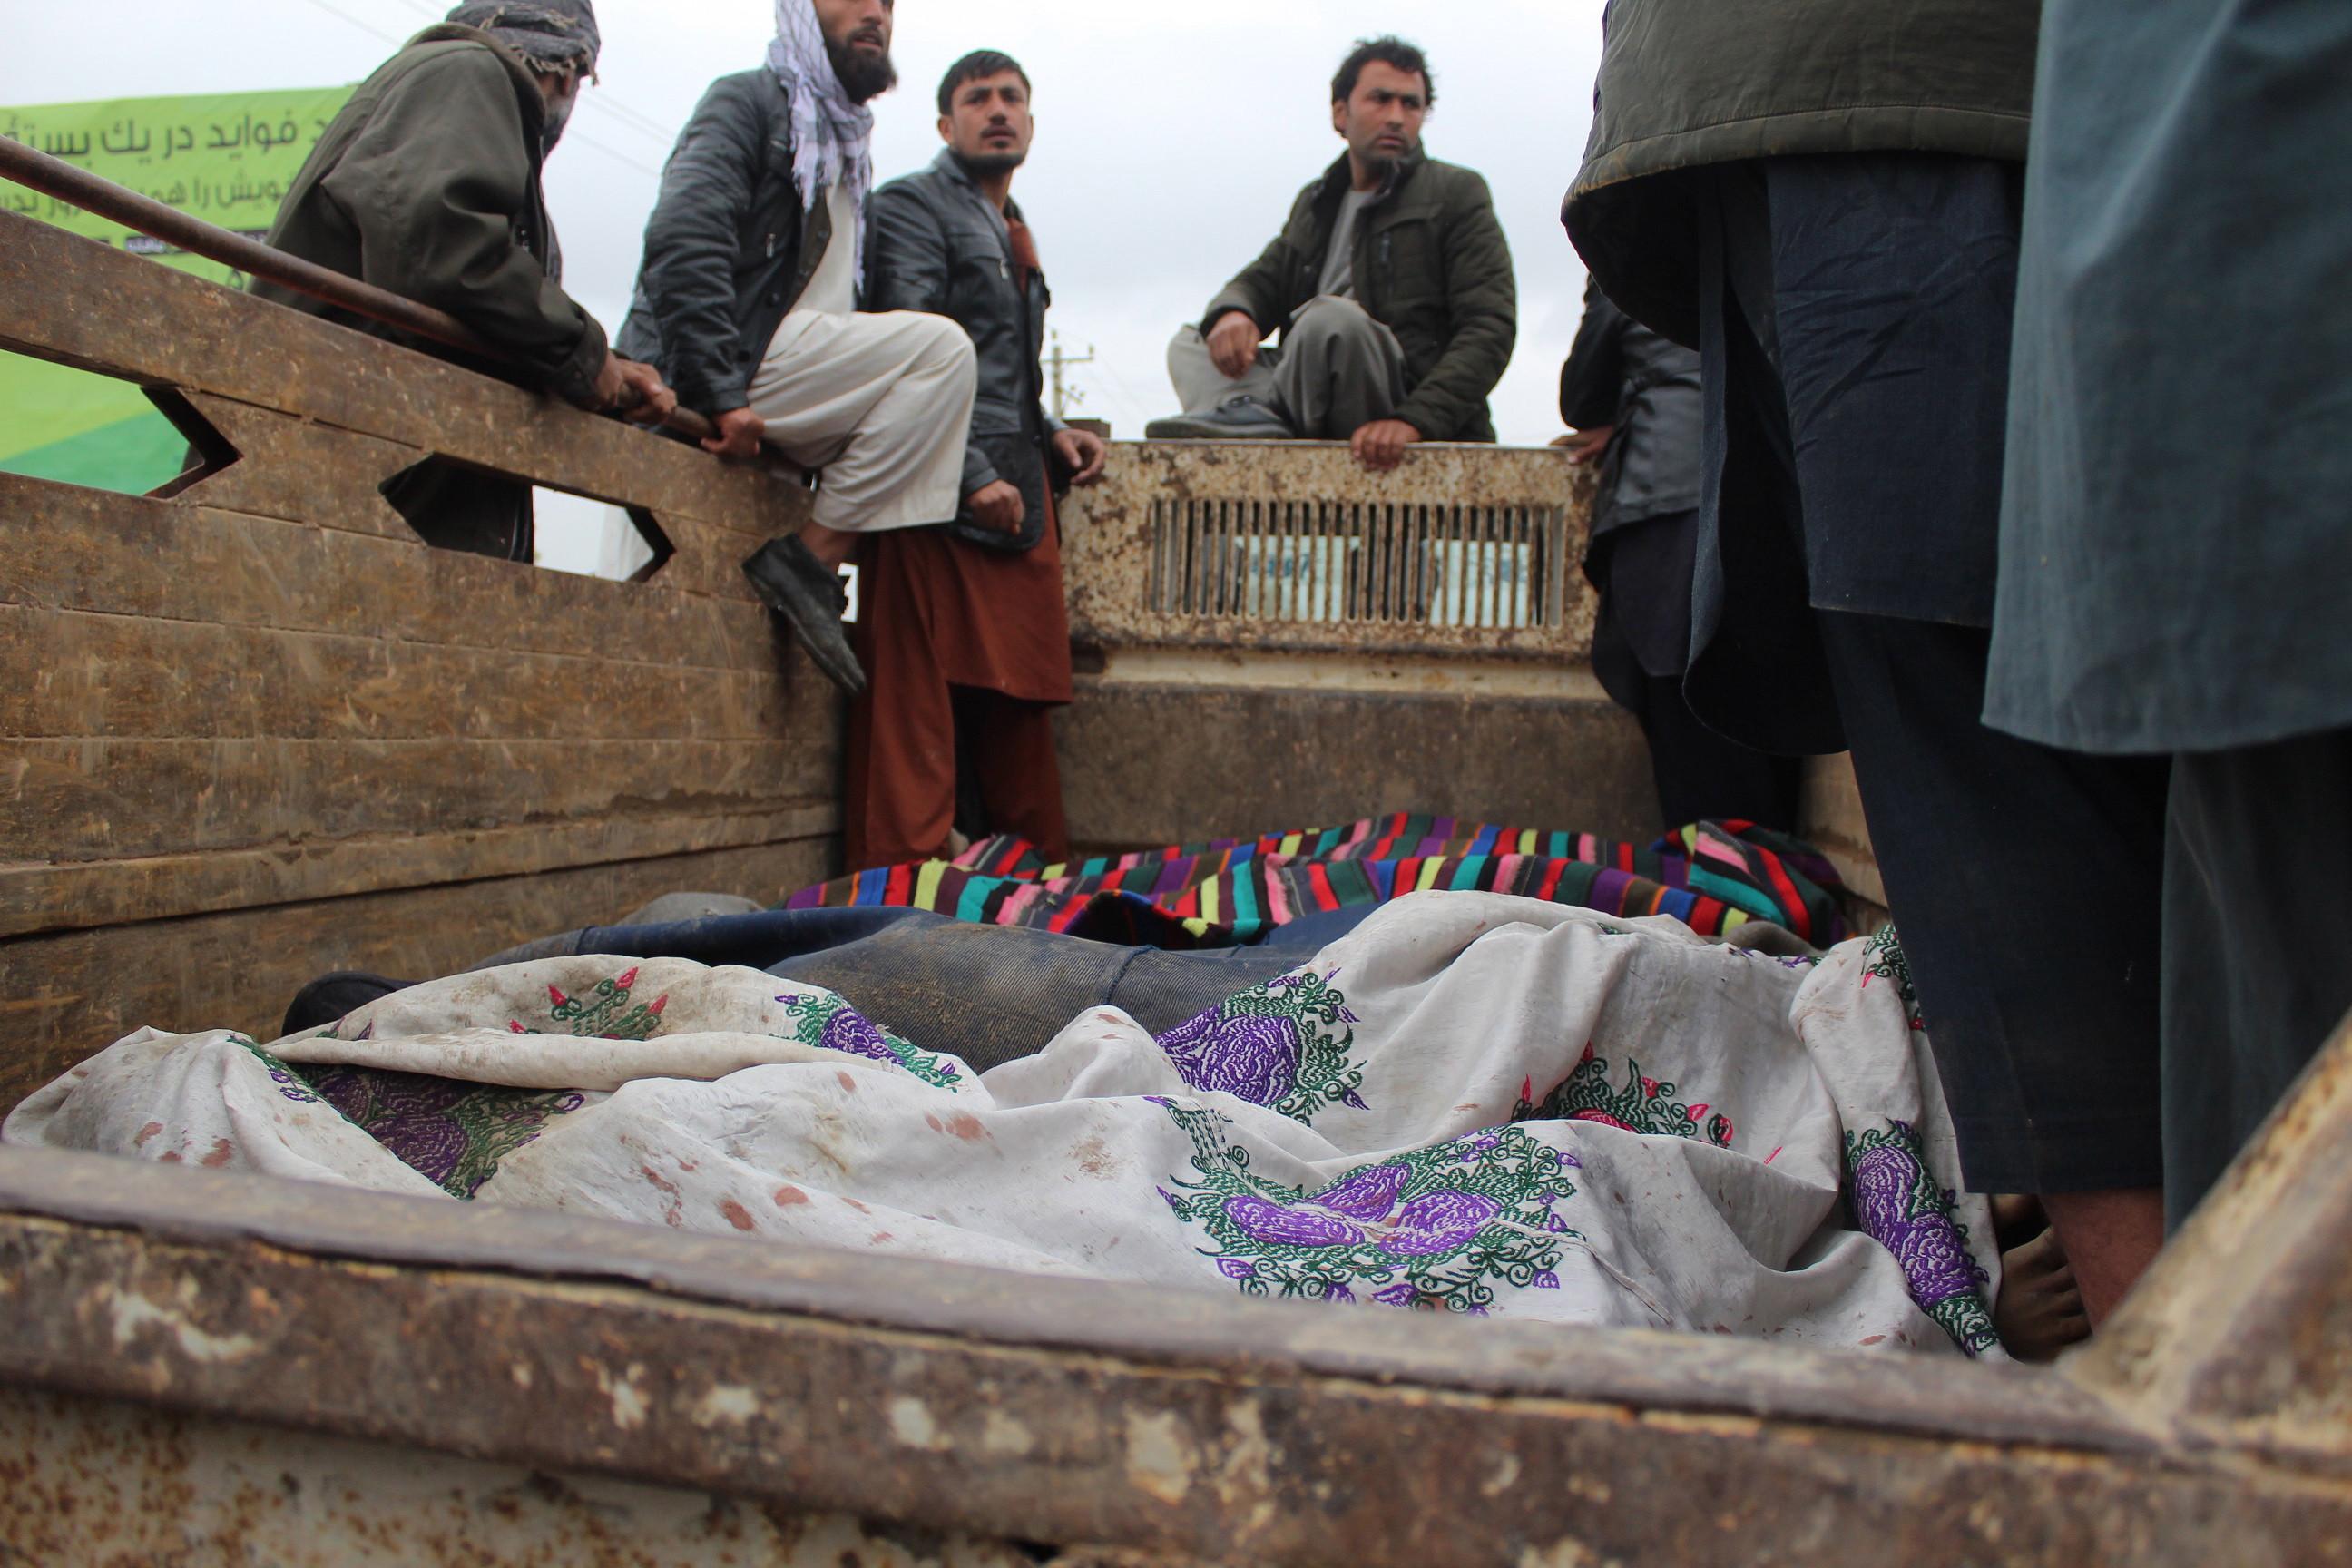 Bombardeio no Afeganistão faz 13 mortos, sendo 10 crianças